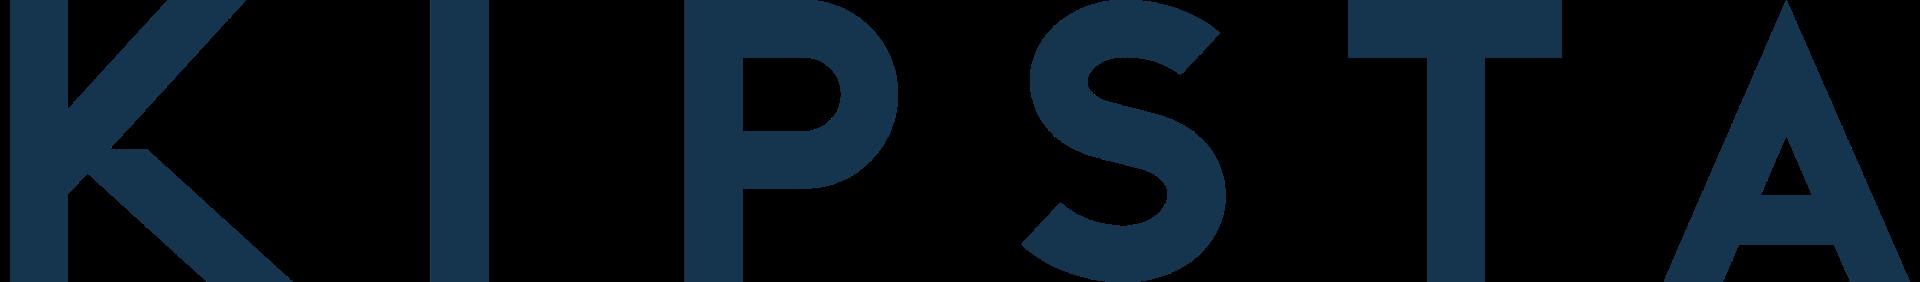 logo marque Kipsta decathlon